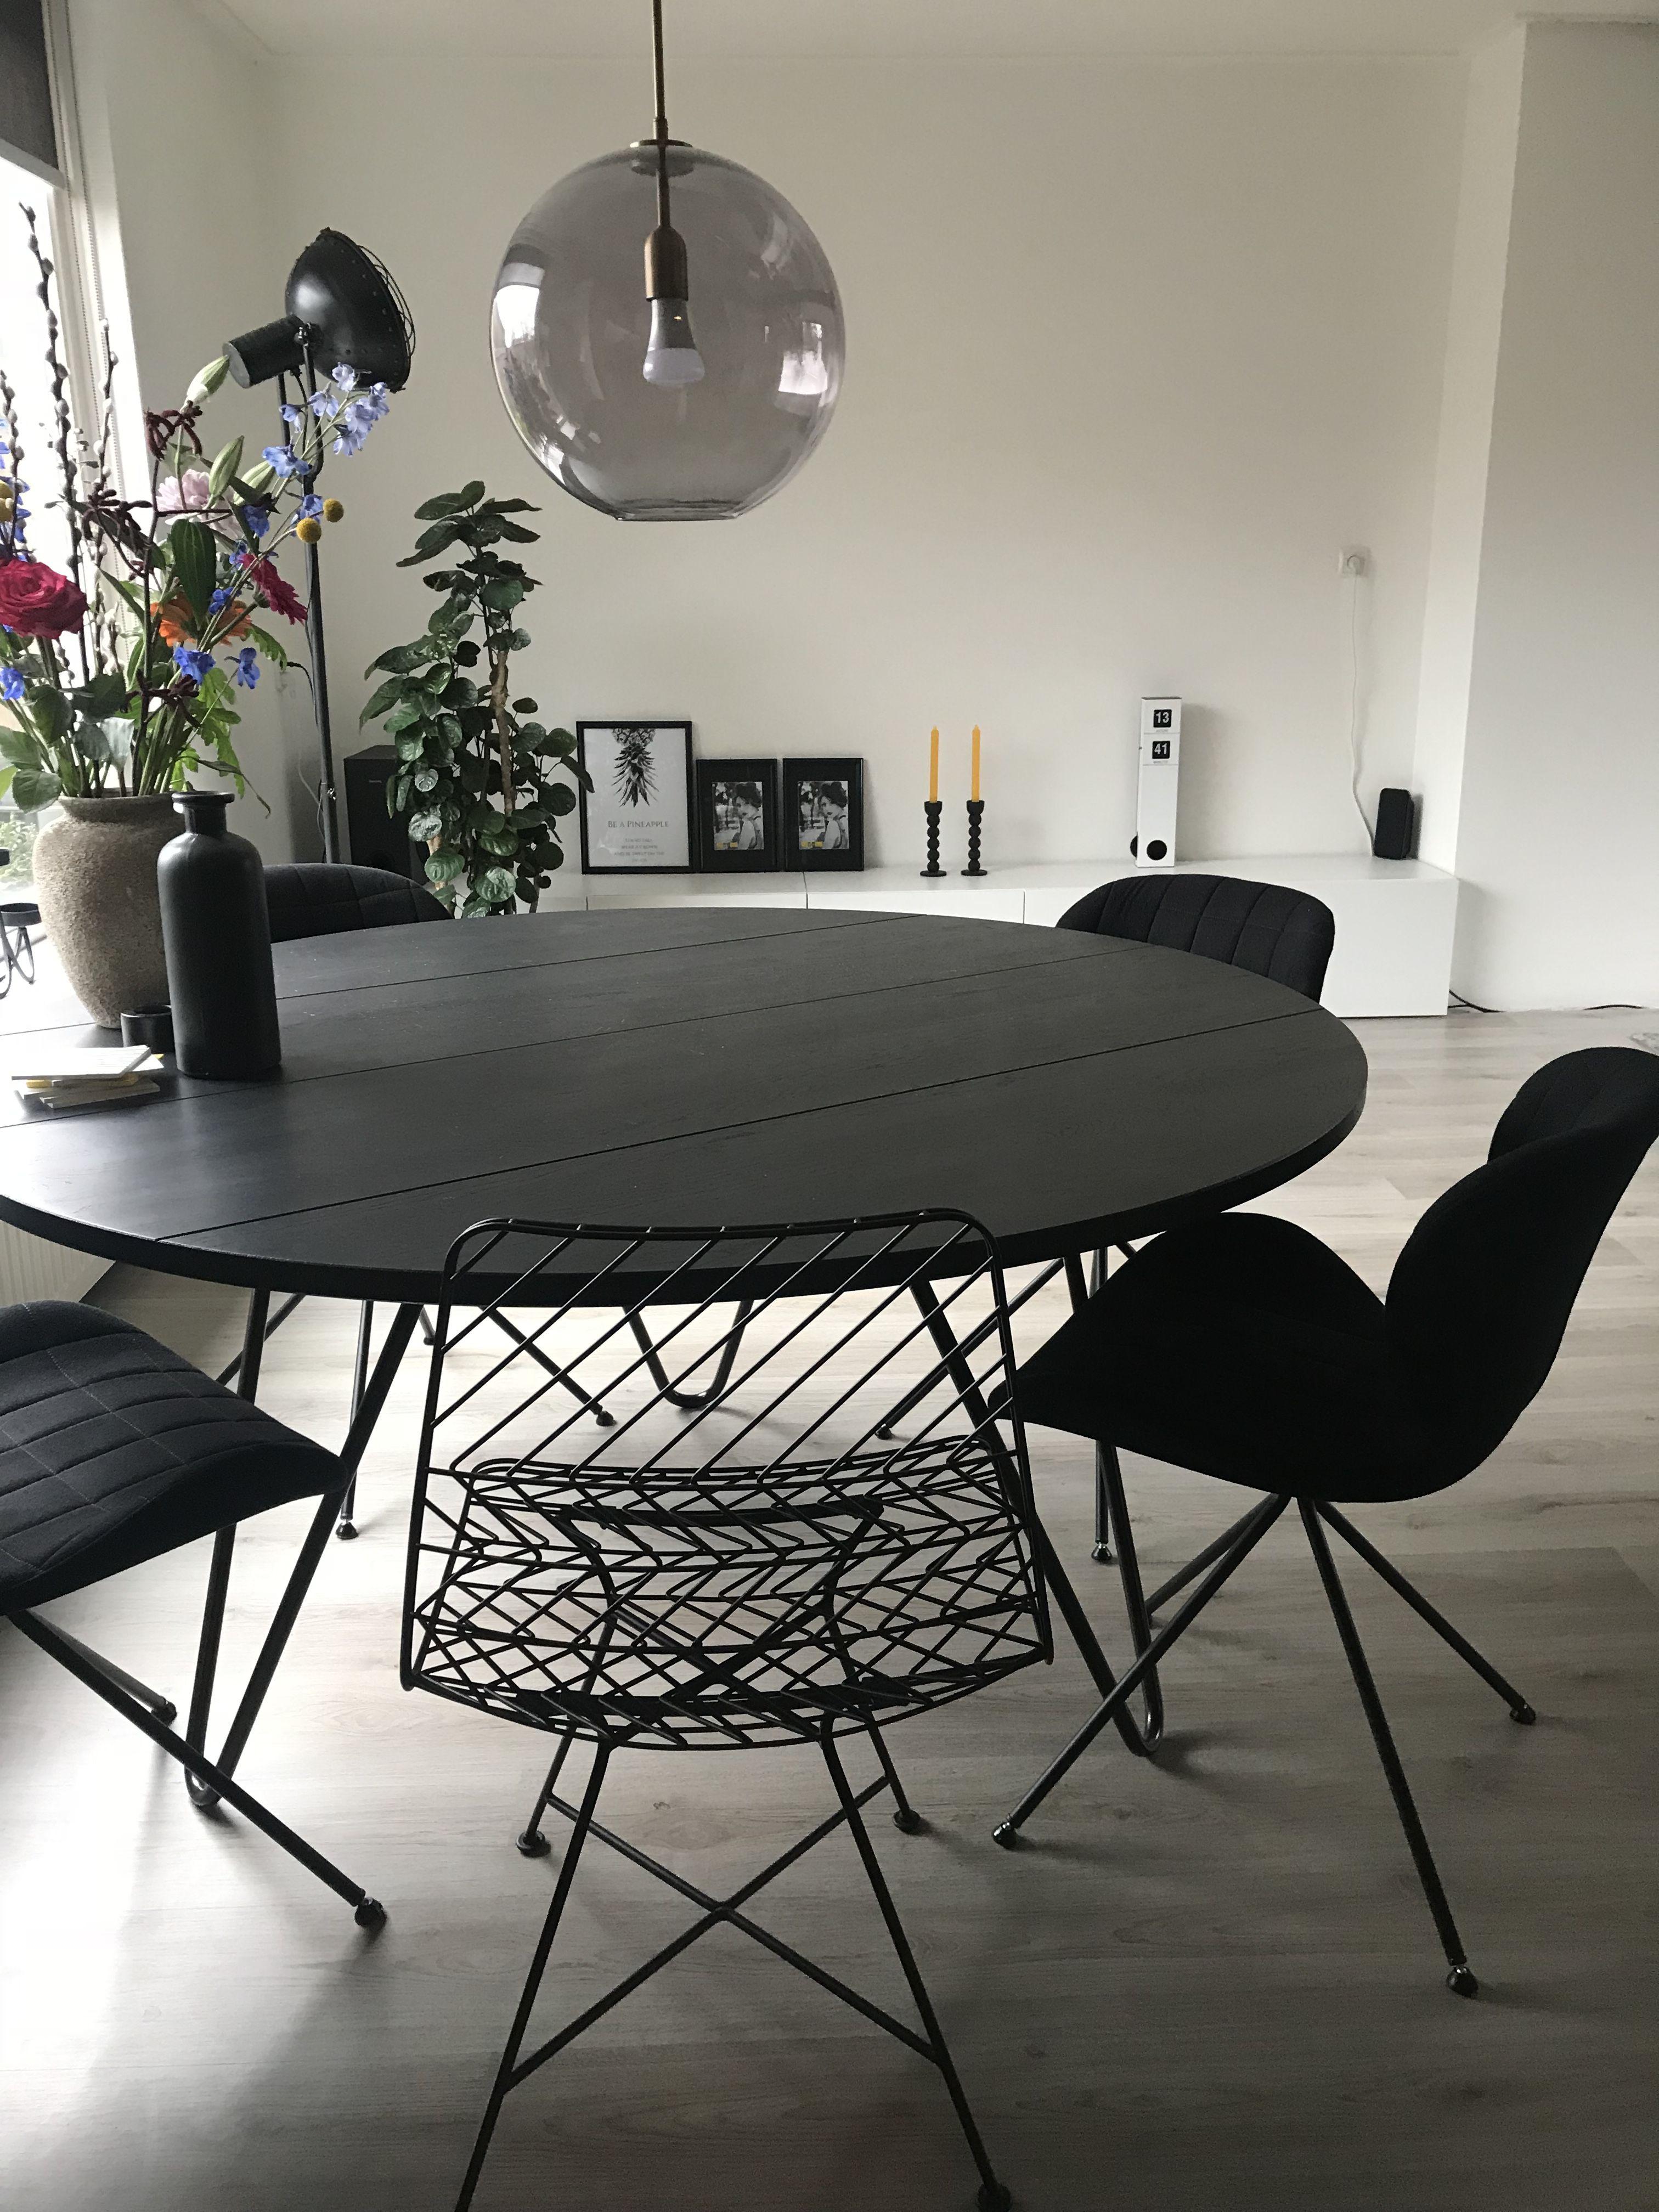 Ronde Tafel Vtwonen.Ronde Eettafel Vt Wonen Ideeen Huis Werkkamer In 2019